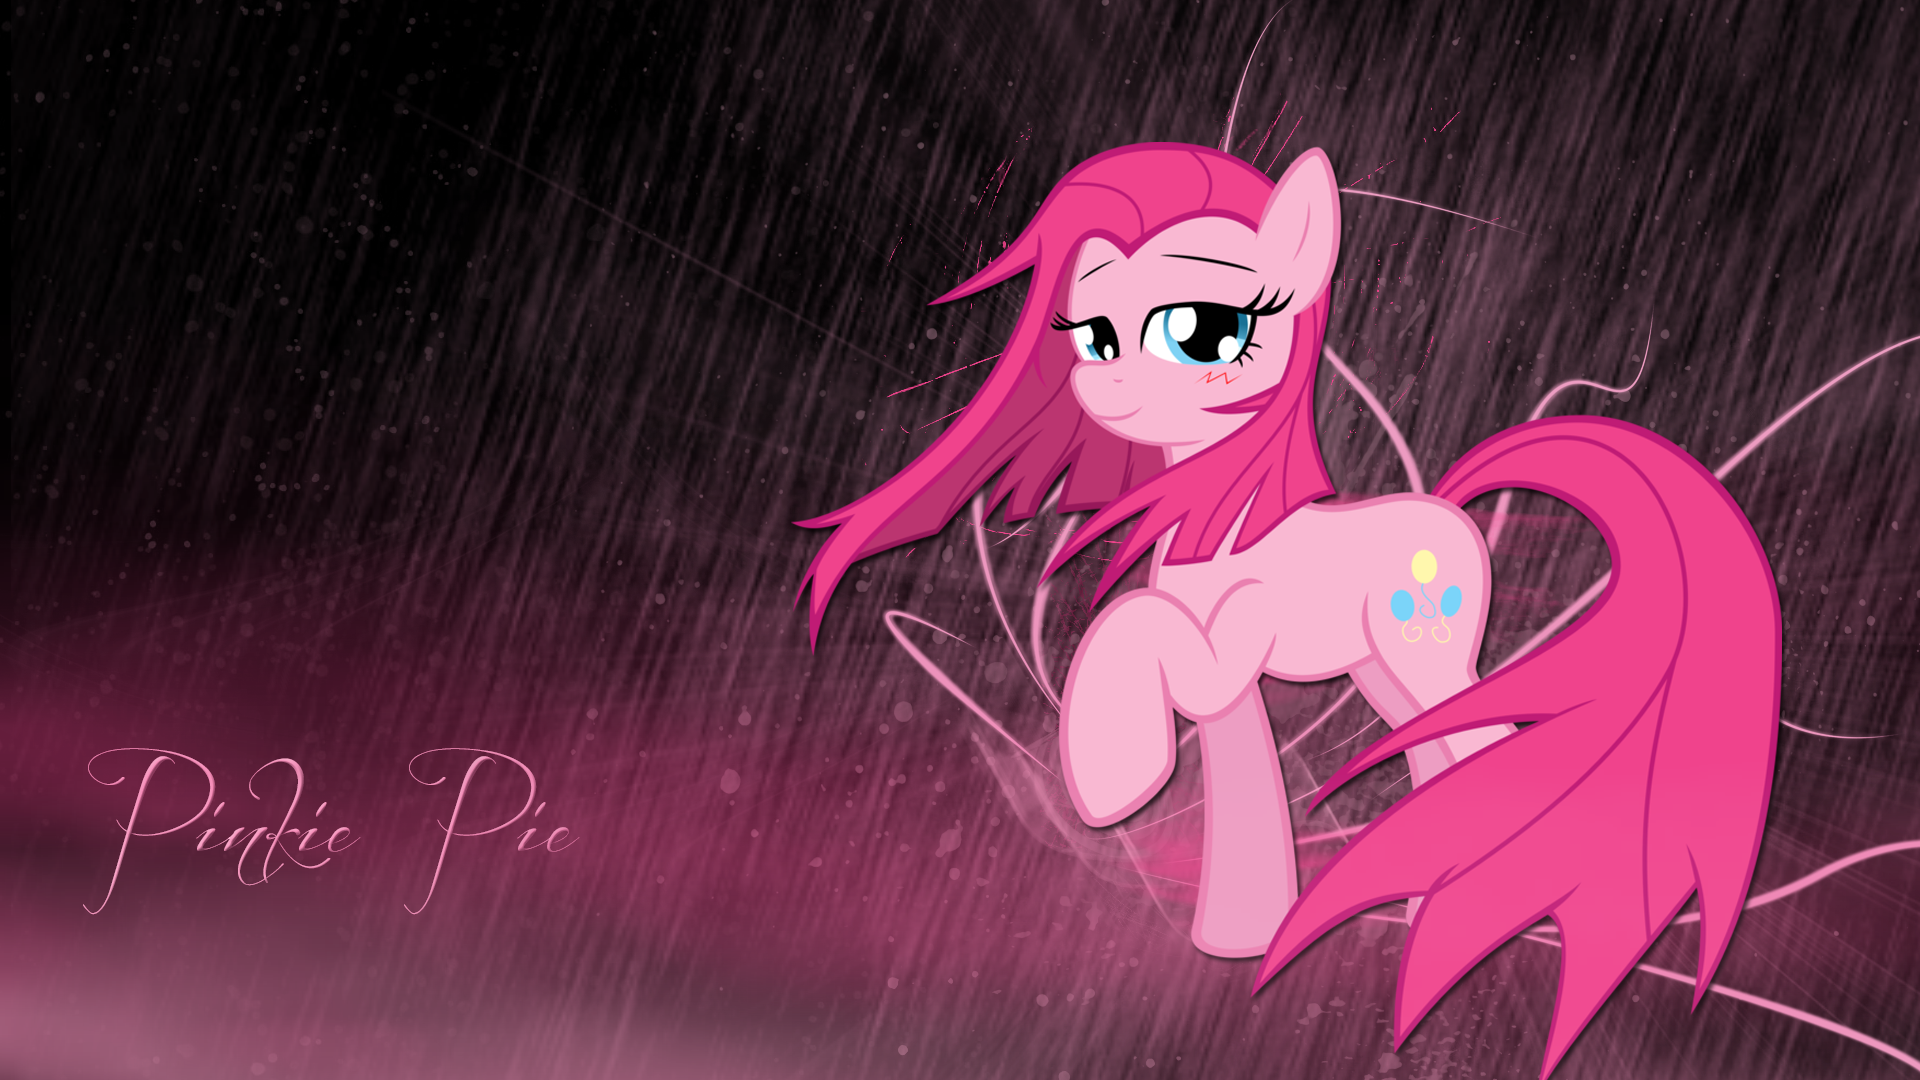 Pinkie Pie wallpaper by LeonBrony